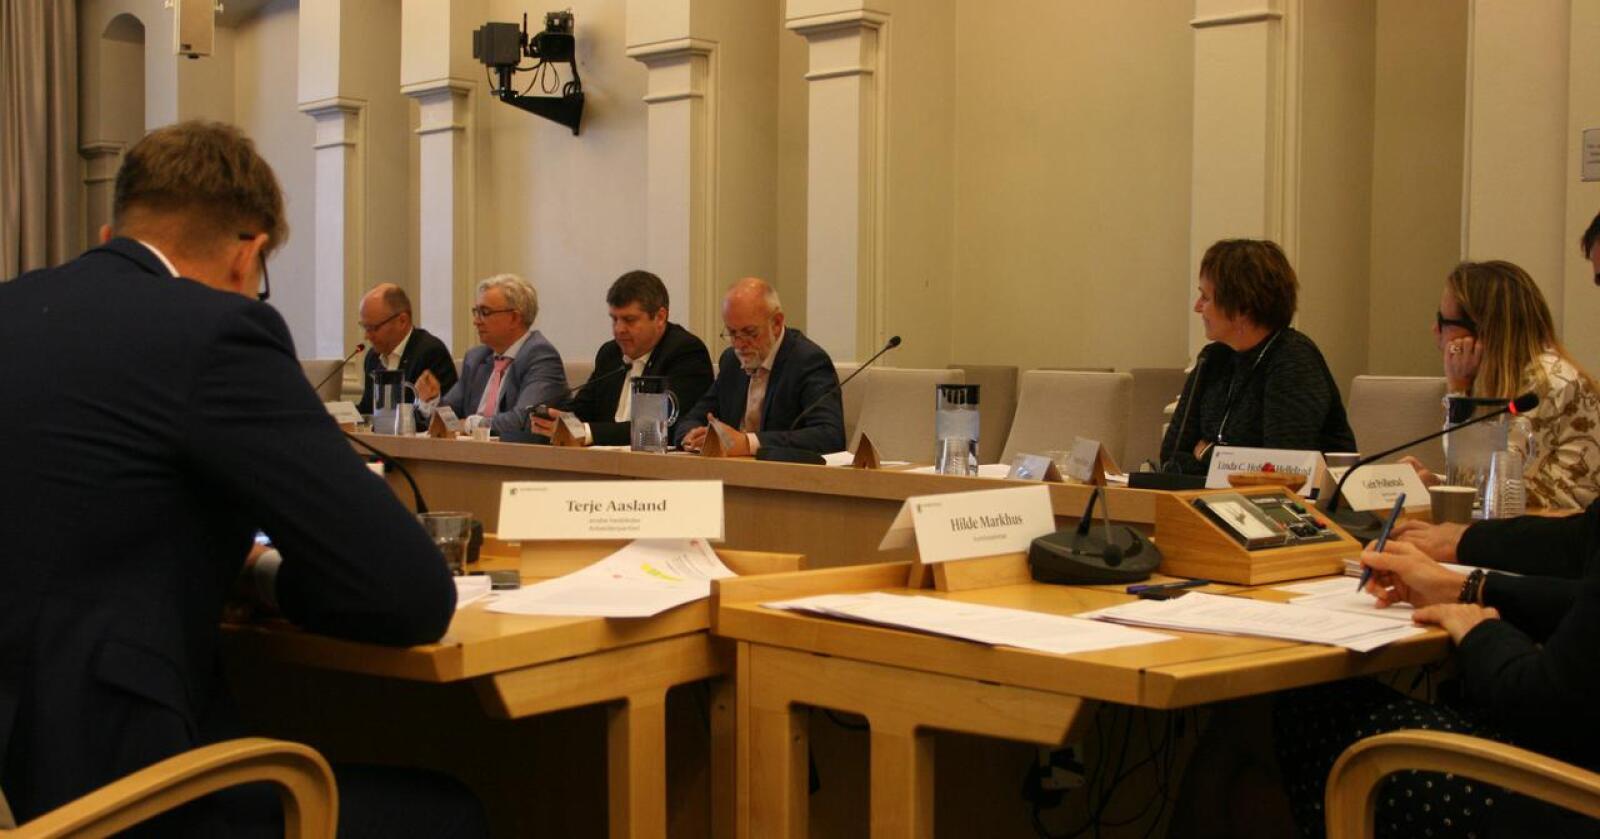 Høring: Som en «oppladning» til innstillingen, inviterte næringskomiteen flere næringsorganisasjoner til åpen videkonferansehøring. (Foto: Bjarne Bekkeheien Aase, Nationen)